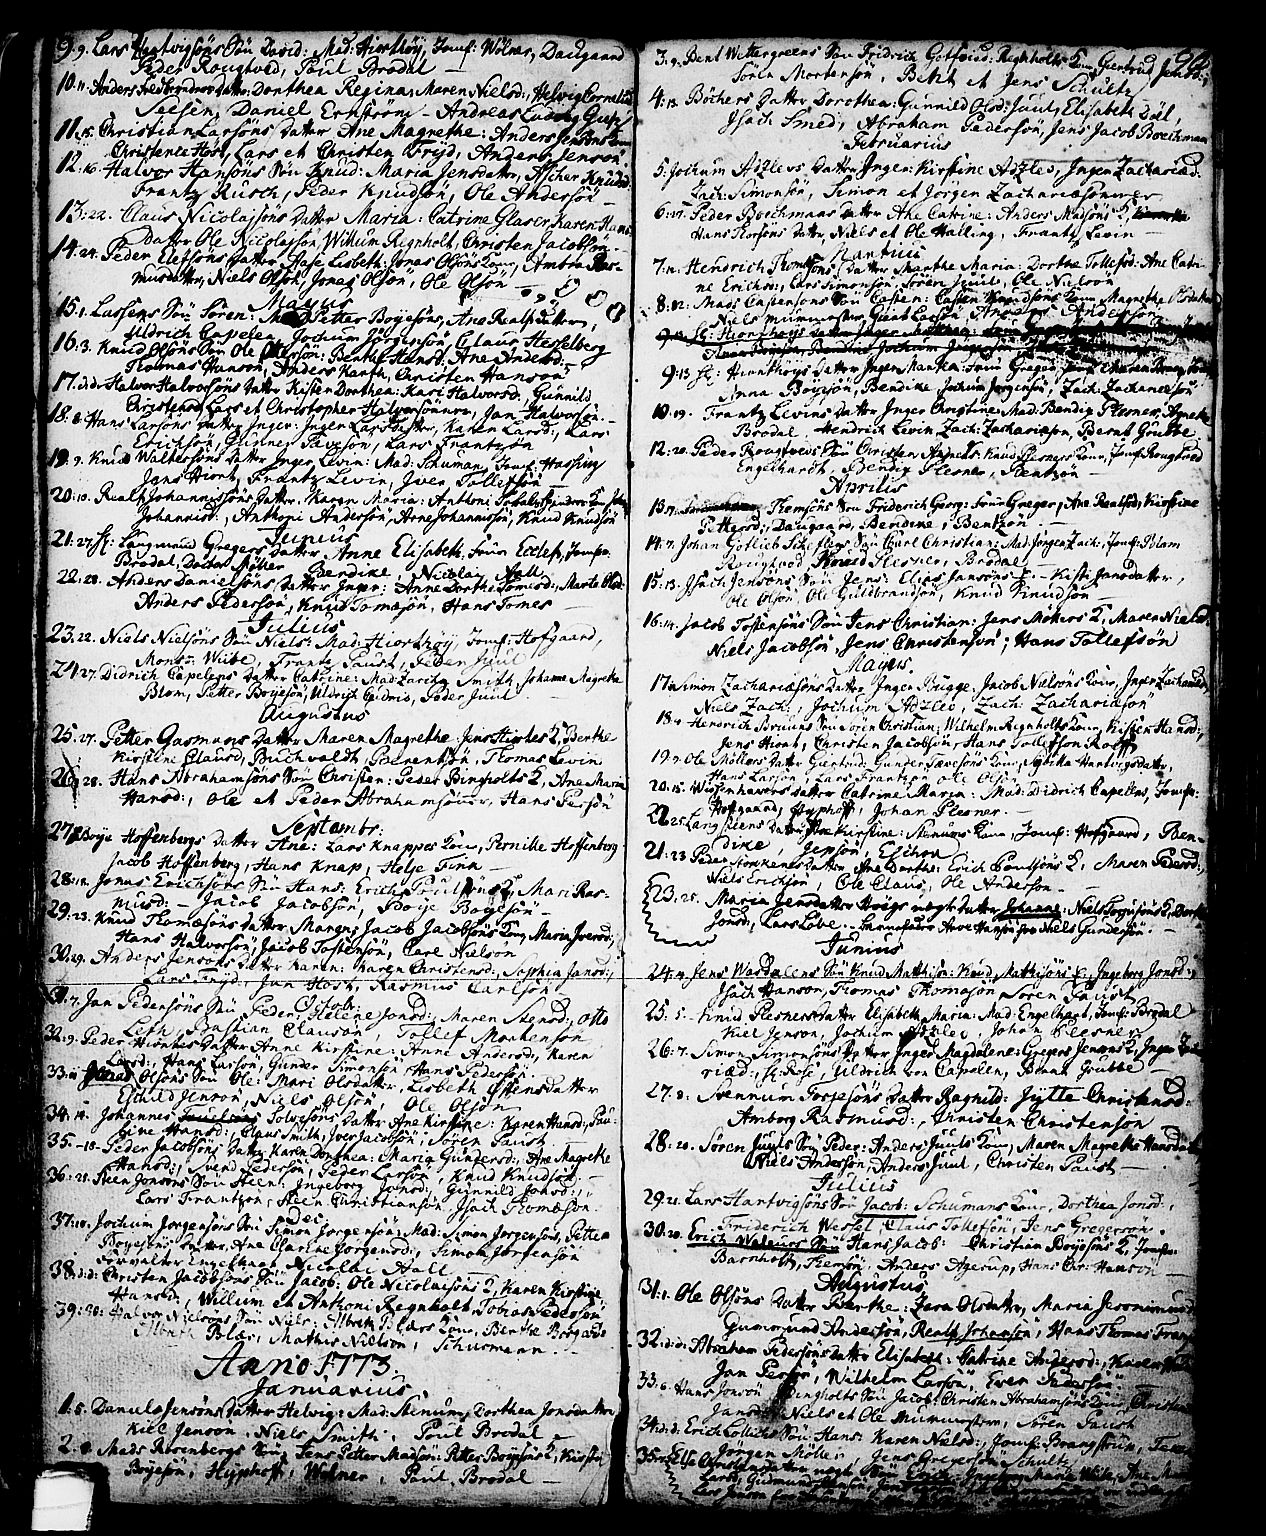 SAKO, Skien kirkebøker, G/Ga/L0001: Klokkerbok nr. 1, 1756-1791, s. 90